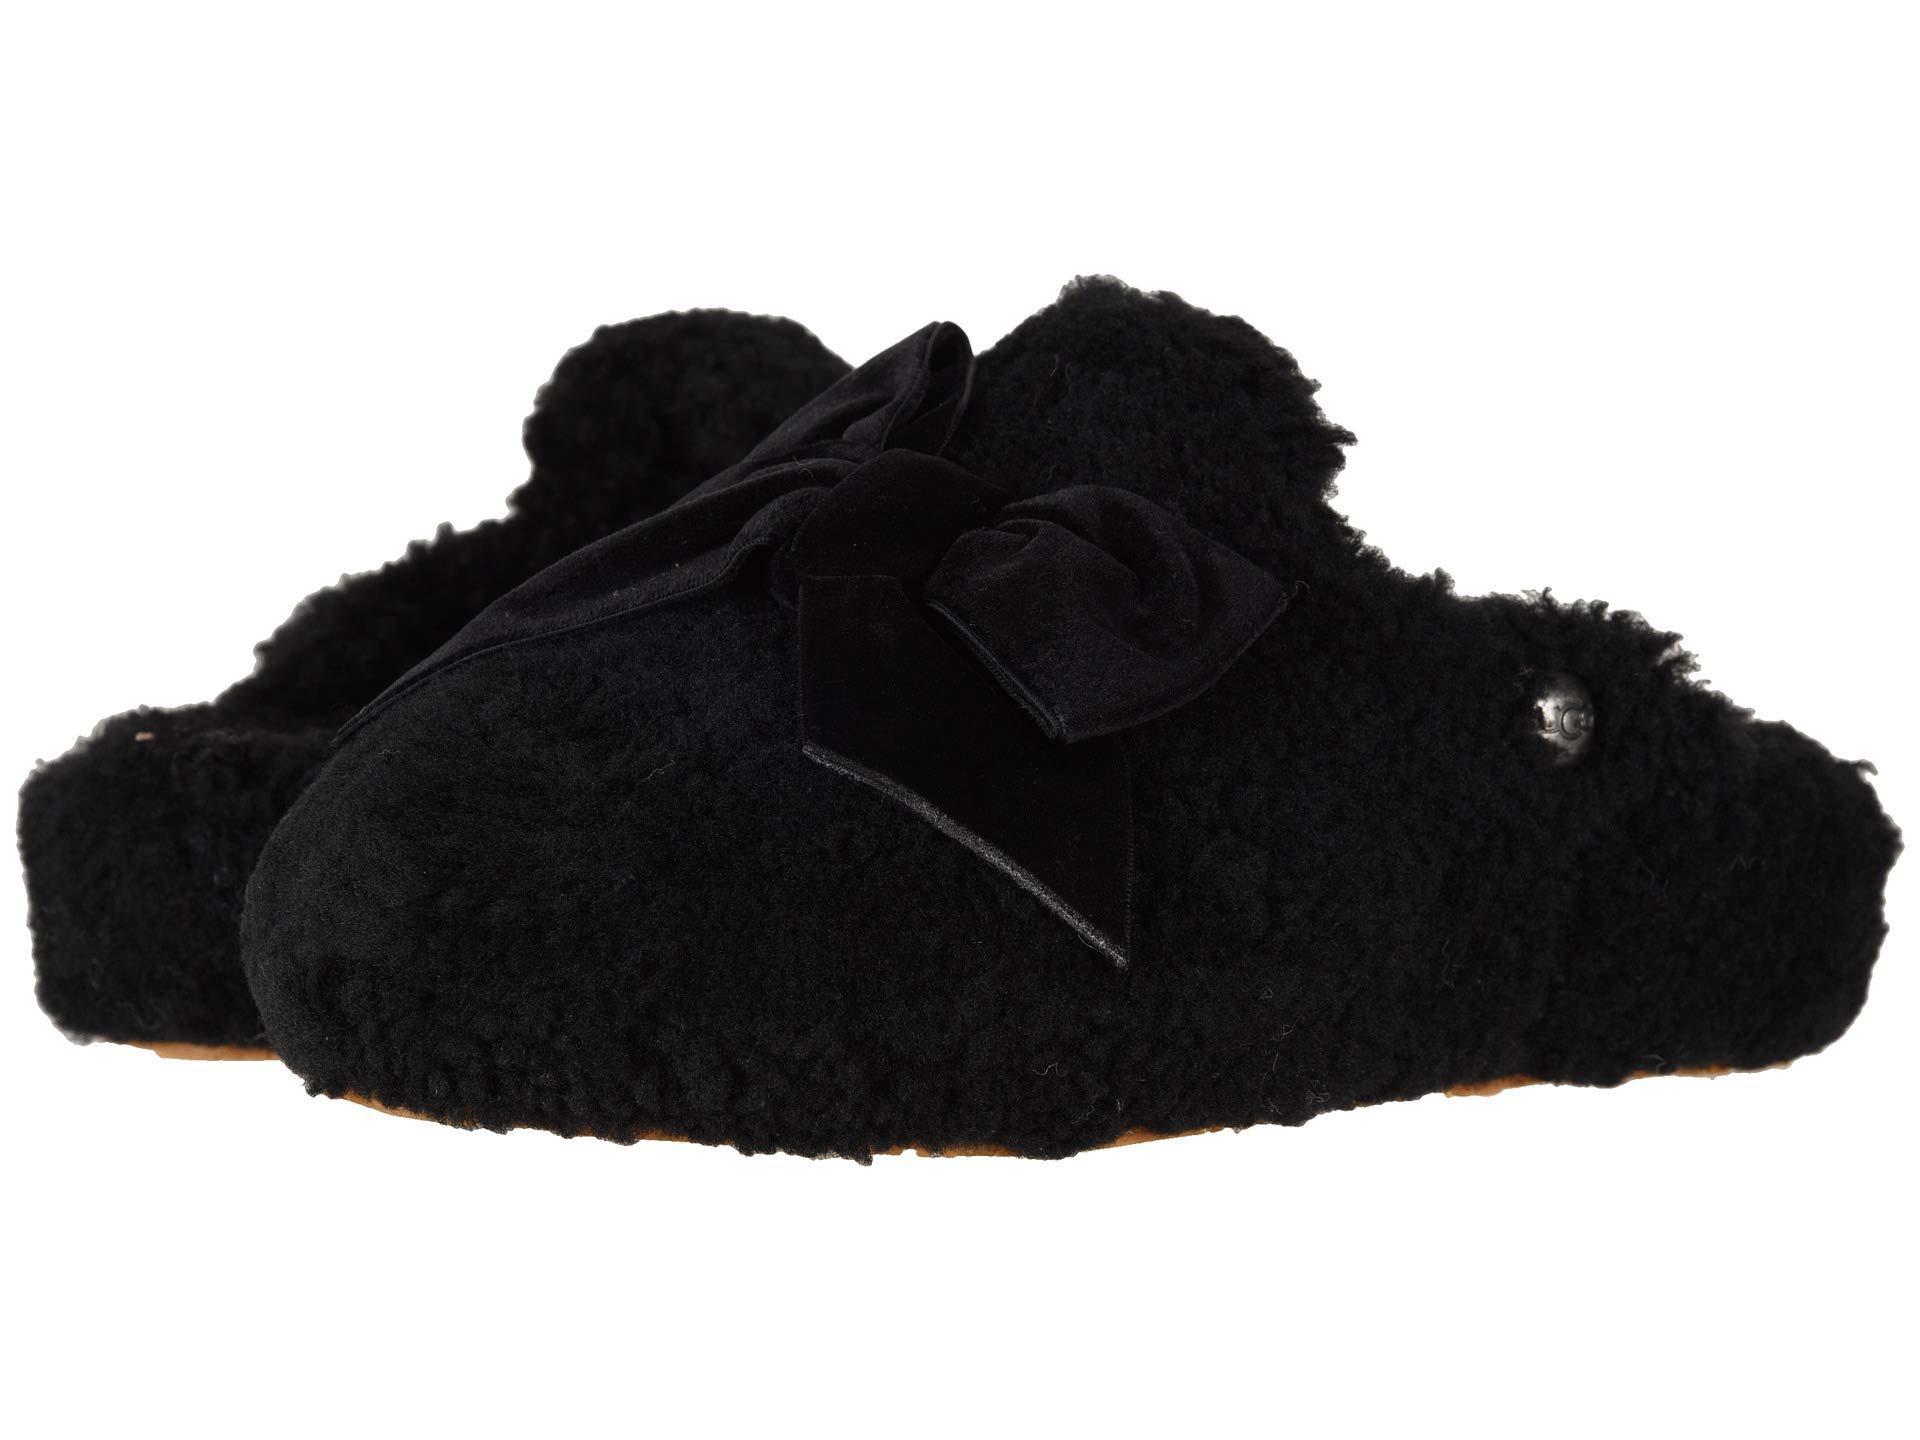 ea15a6c826d3 Lyst - Ugg Addison Velvet Bow Slipper (port) Women s Slippers in Black